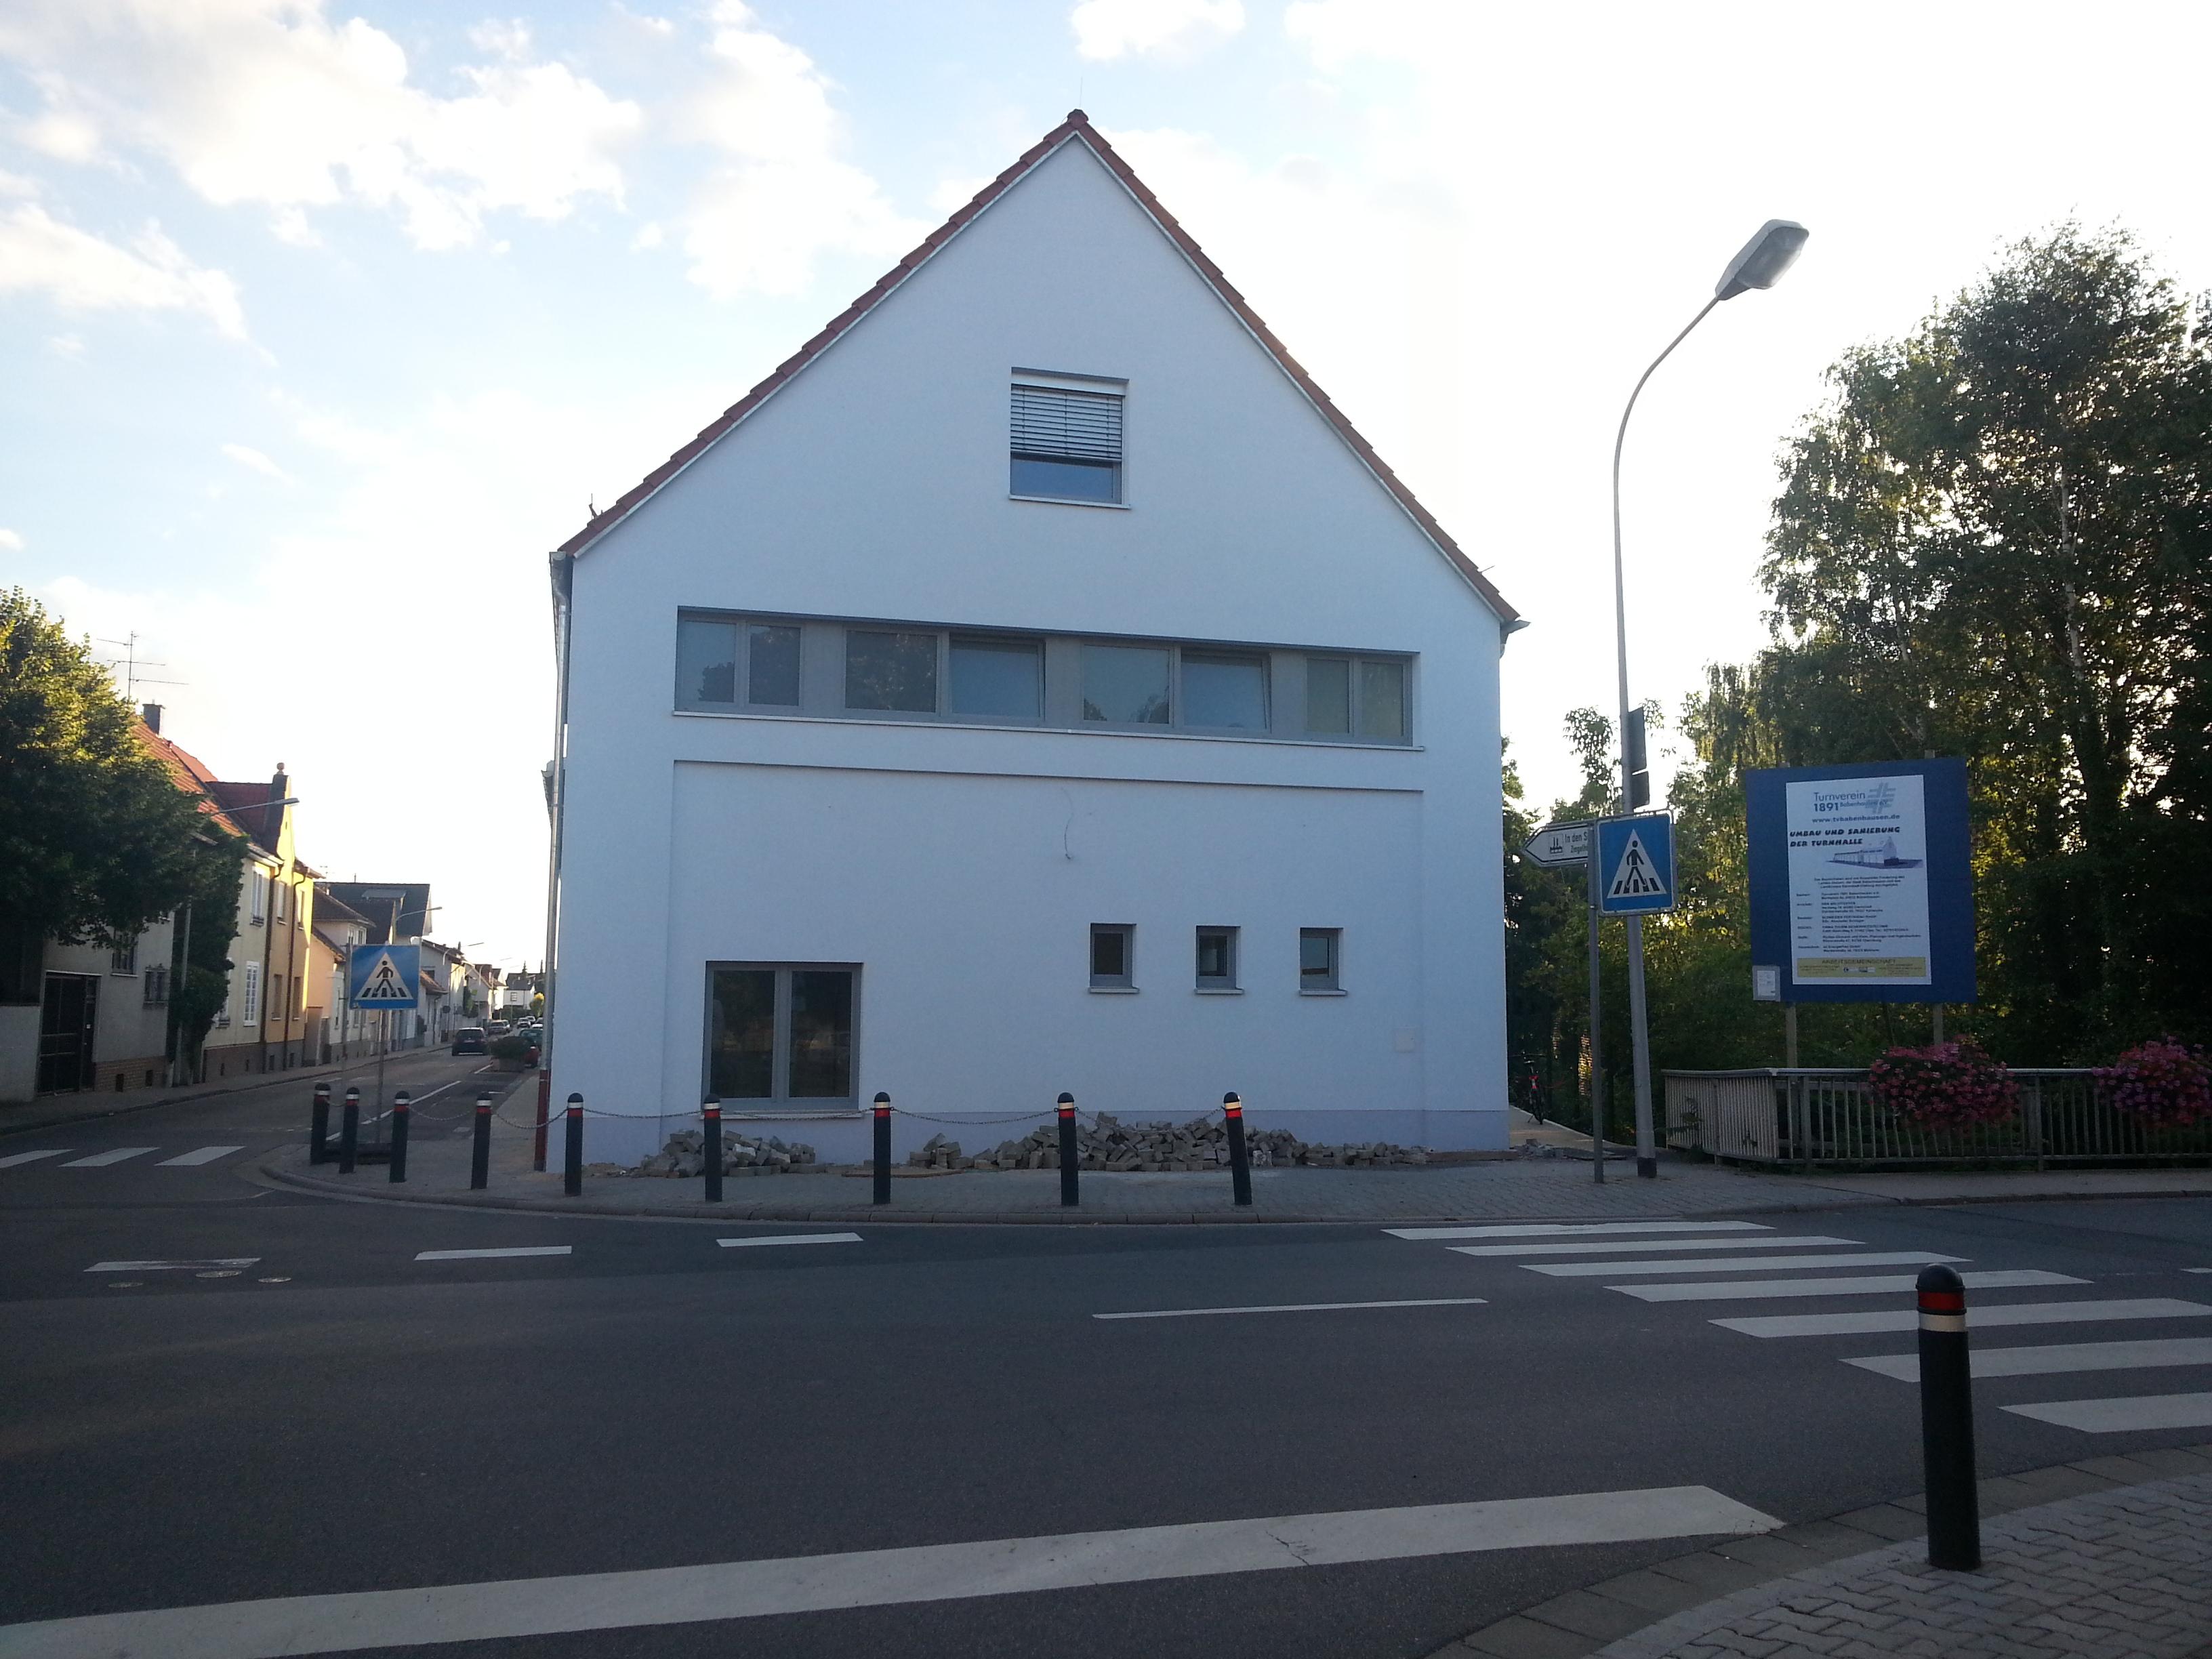 BV Turnhalle Babenhausen